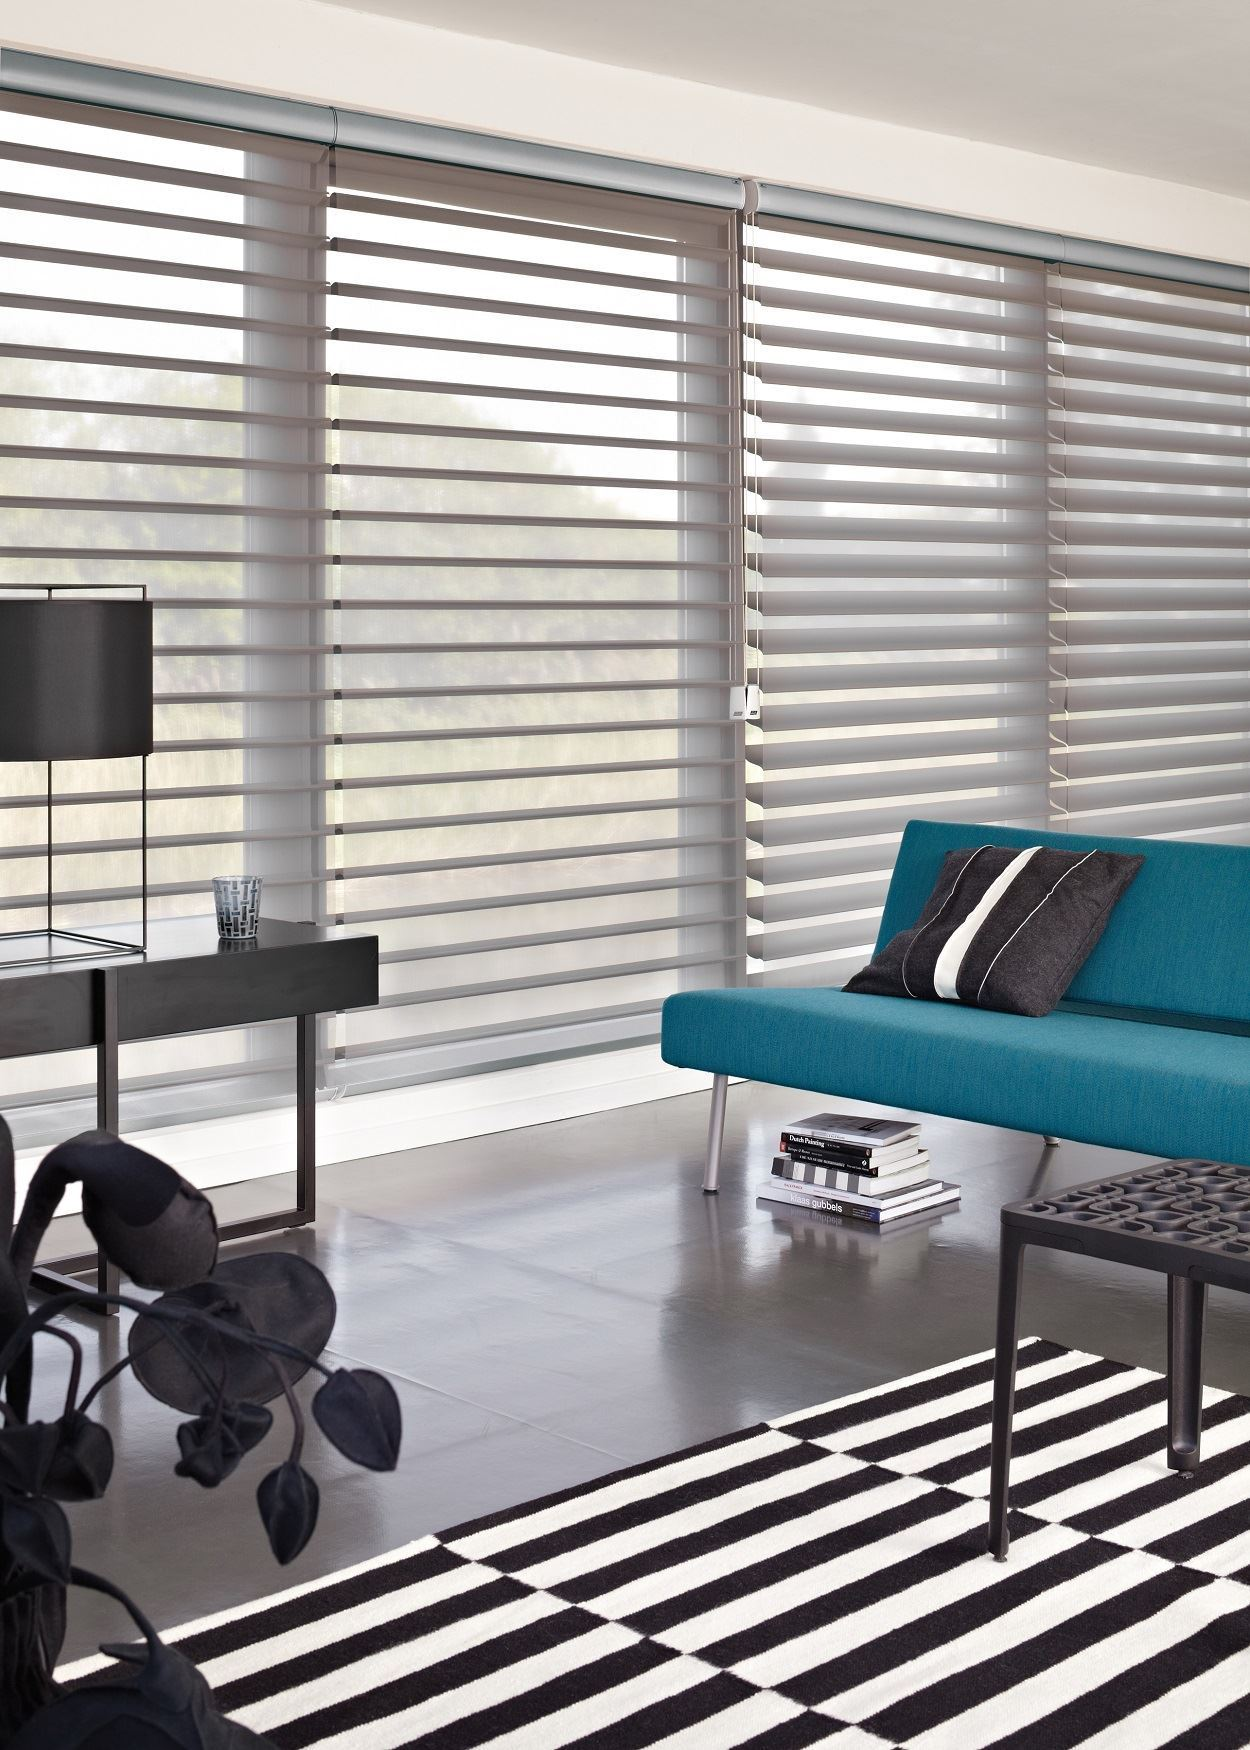 Afbeelding van Luxaflex® Silhouette Shades 75 mm met eindlooskoord